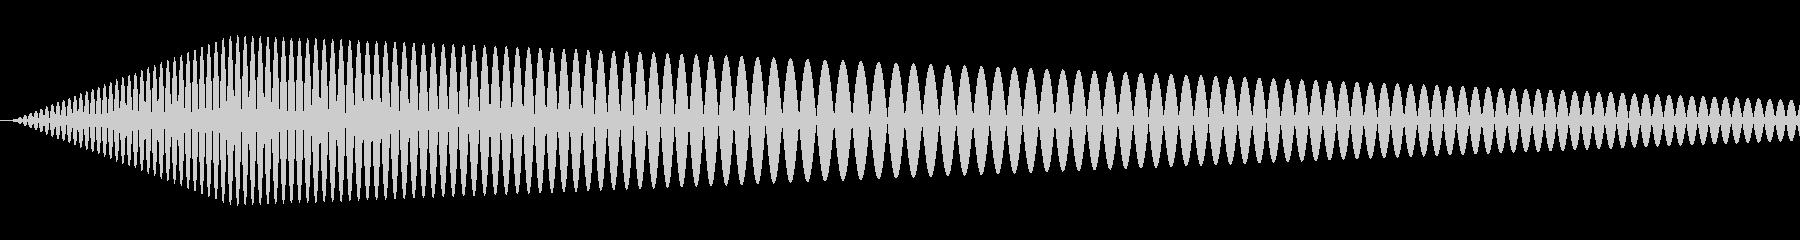 【コミカル】肉球・足音・スタンプ2の未再生の波形